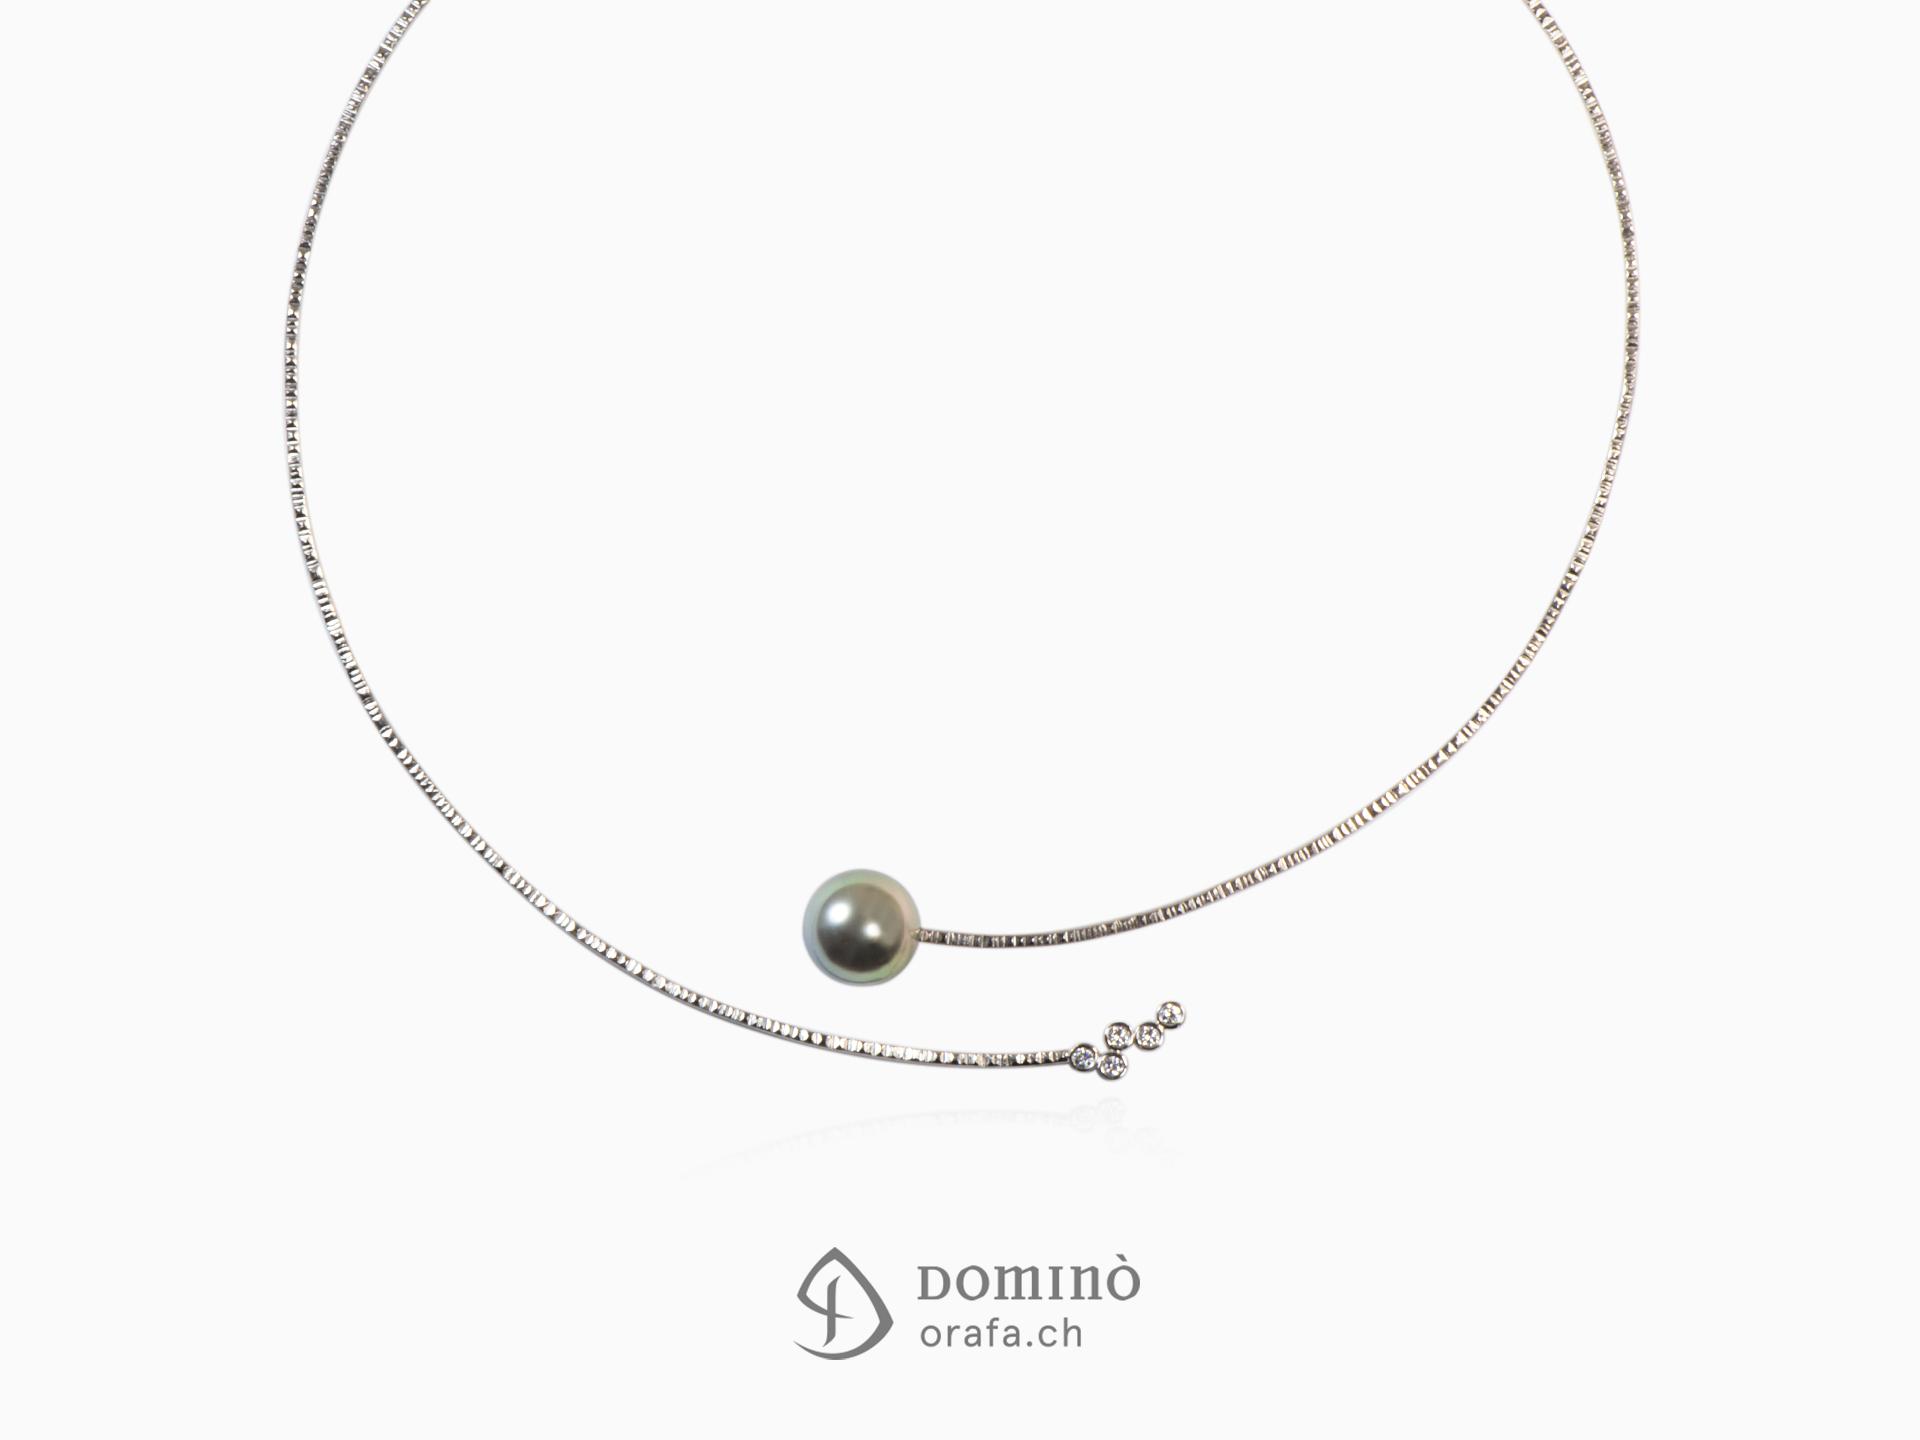 Collier di diamanti e perla tahiti